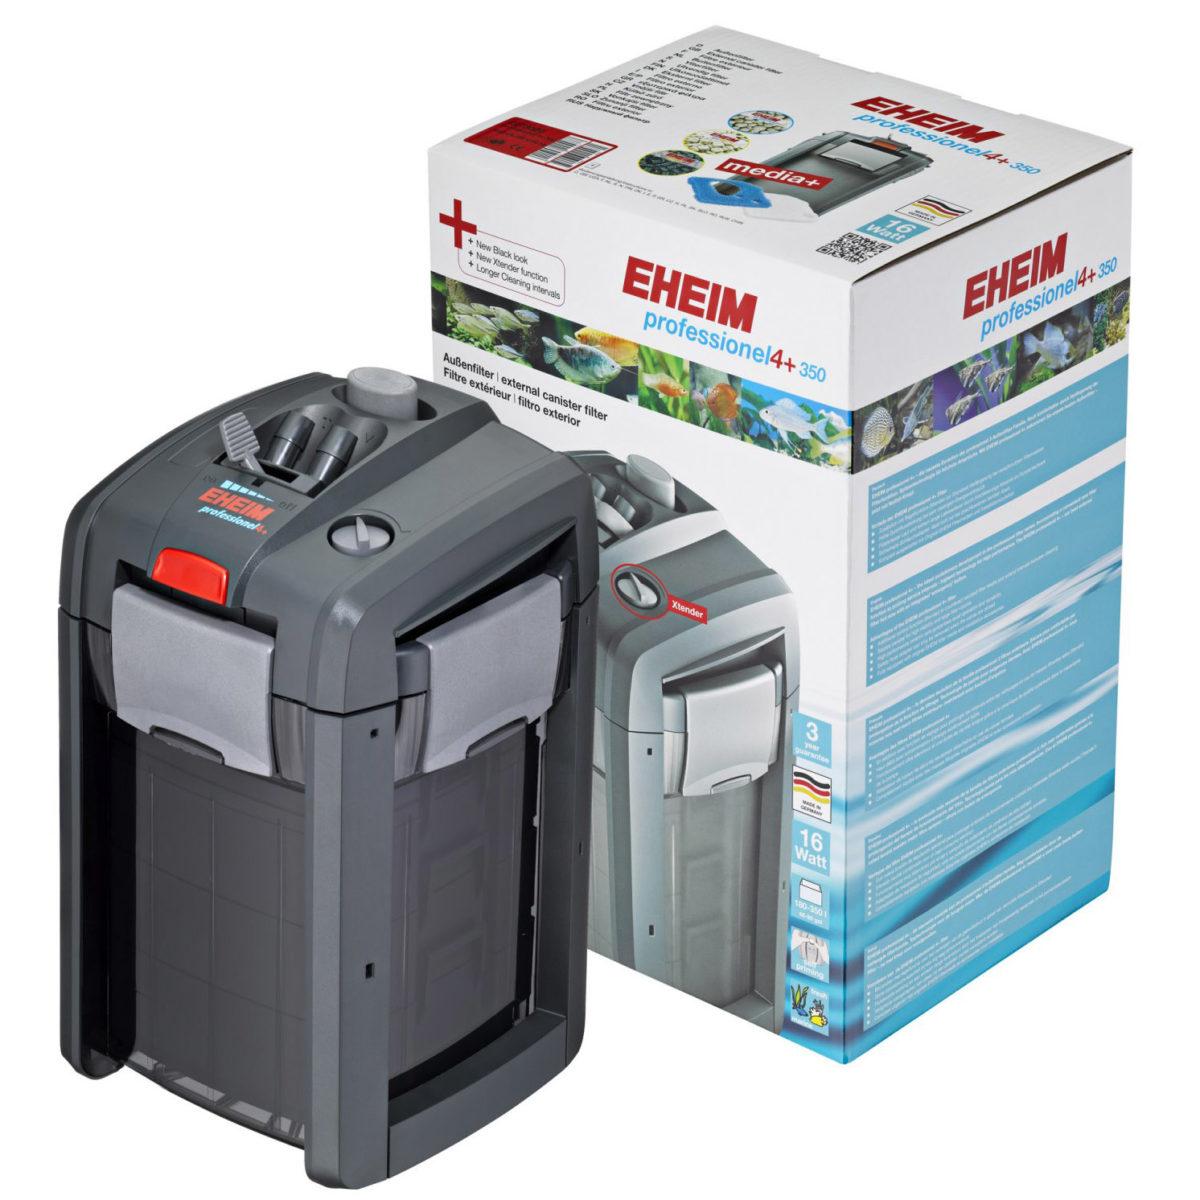 Фильтр внешний EHEIM Professional 4+ 350T